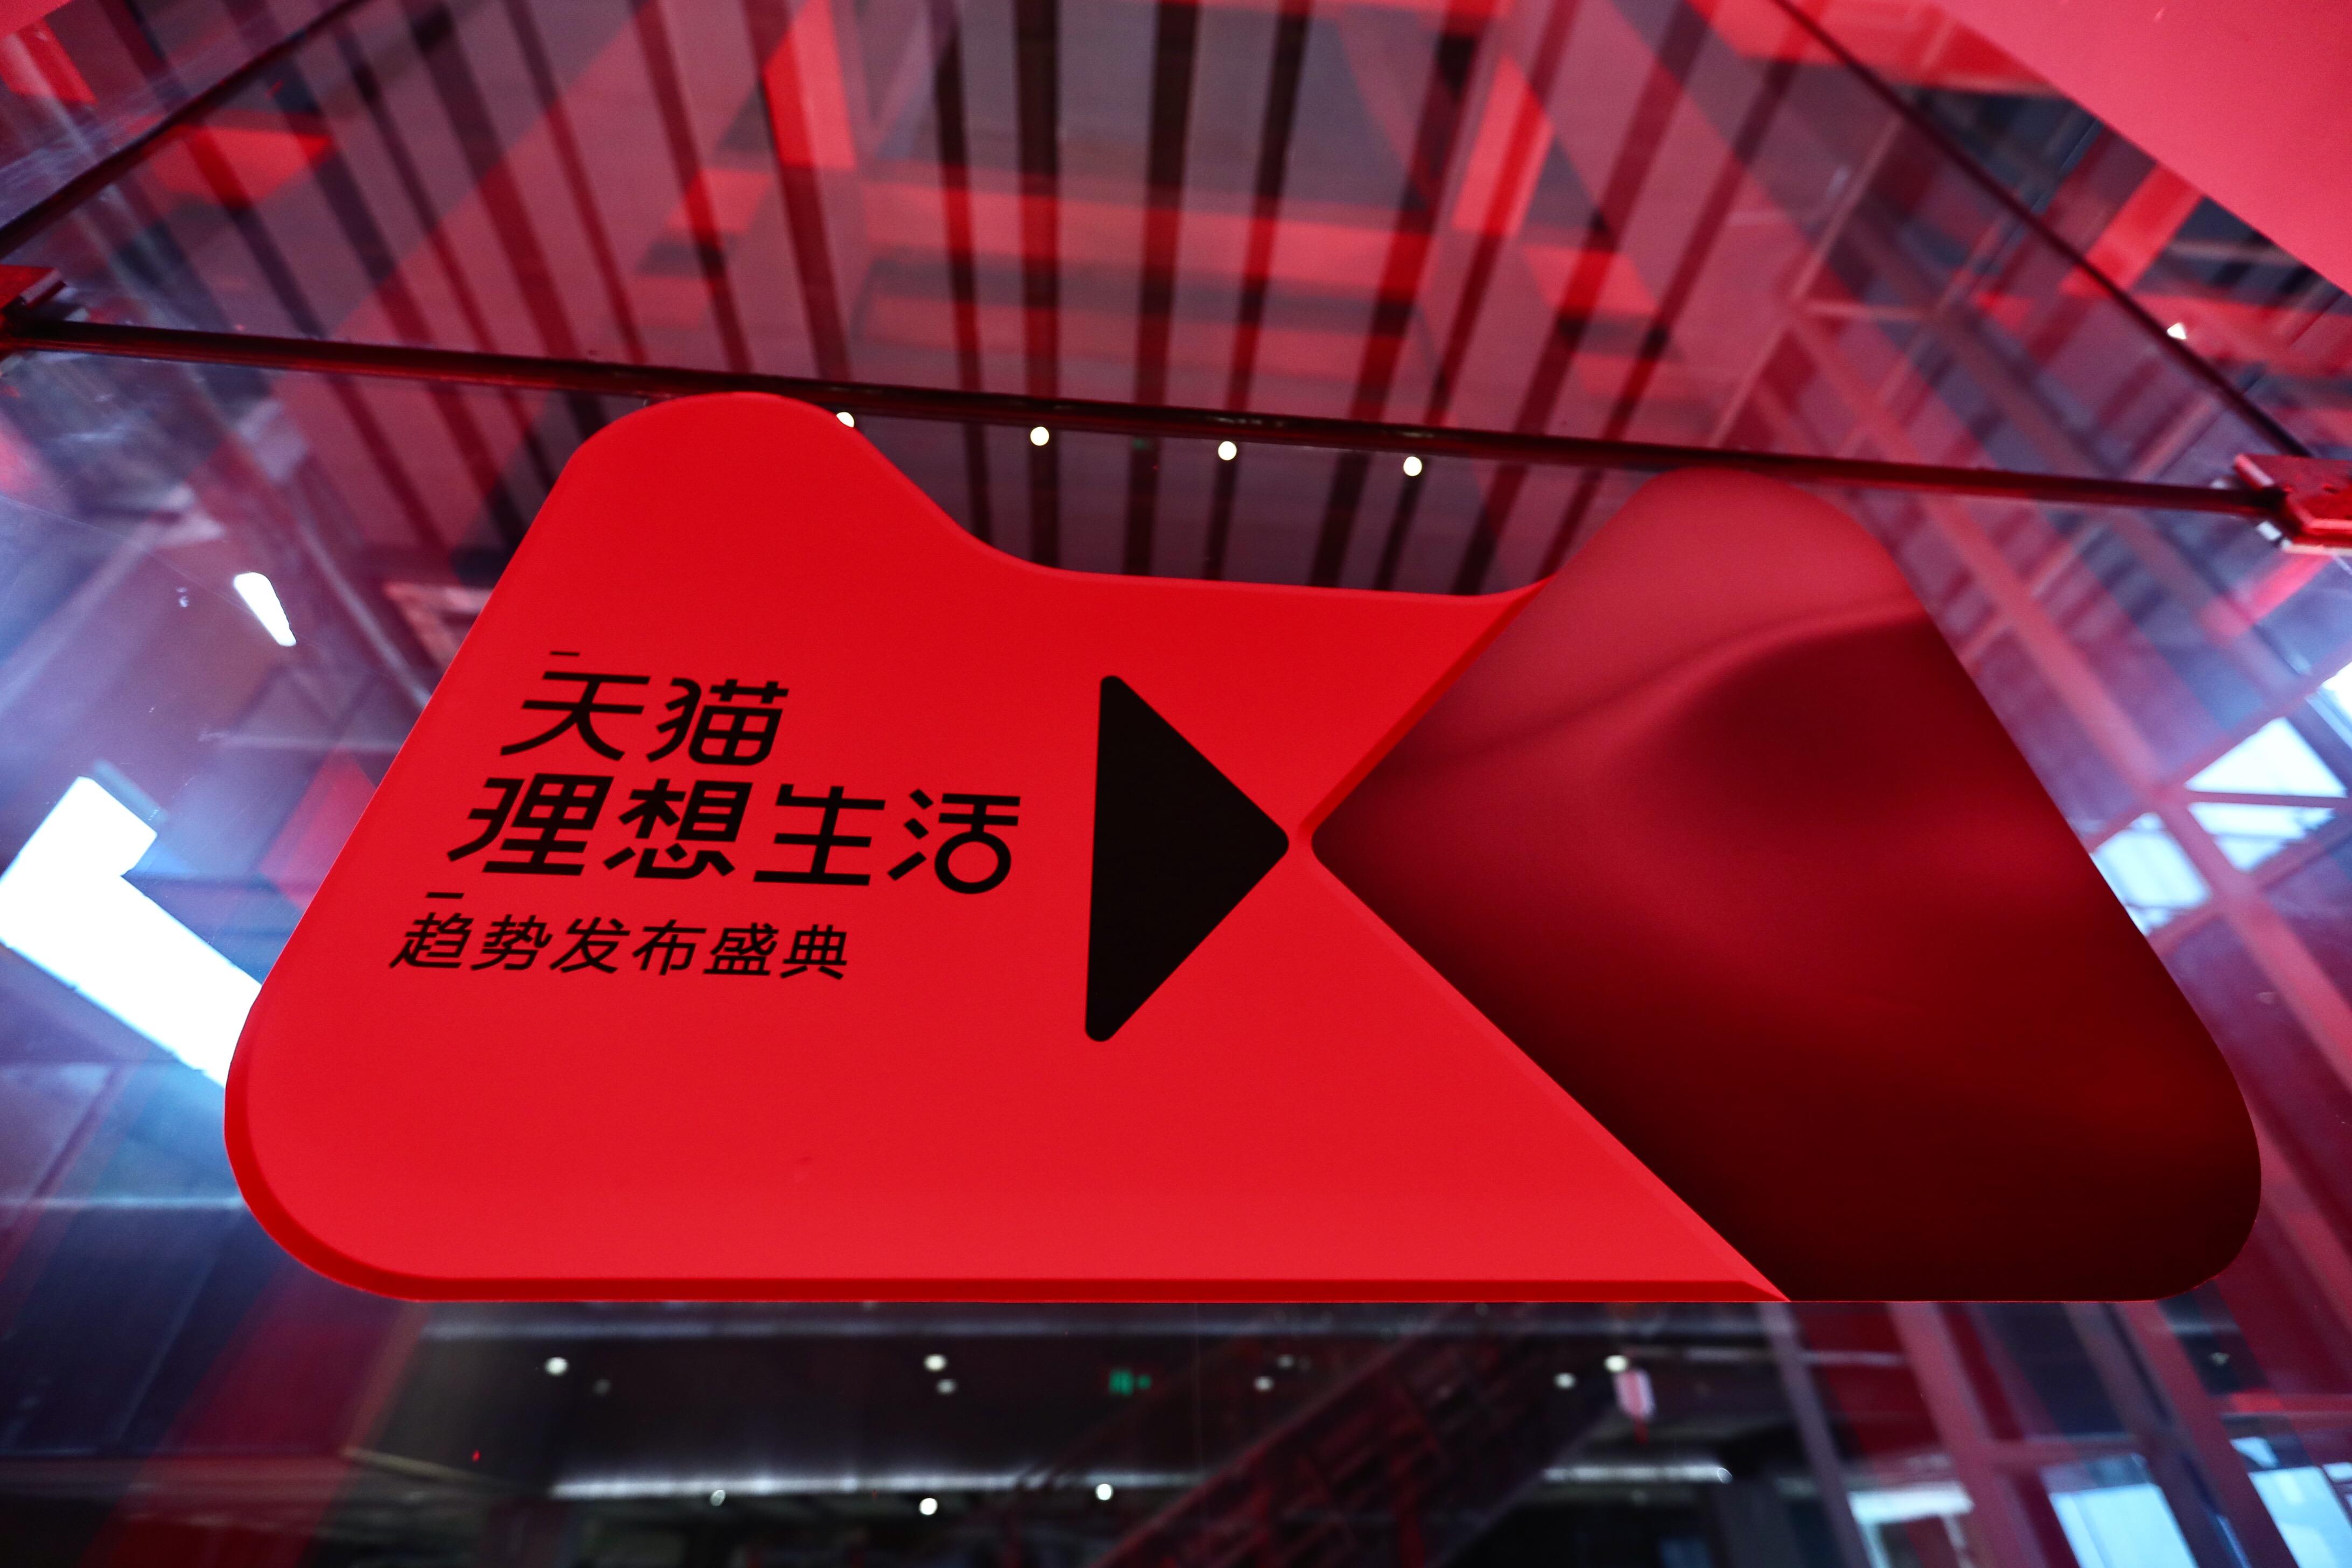 聚全球八成最具价值品牌 天猫618彰显新零售强大力量